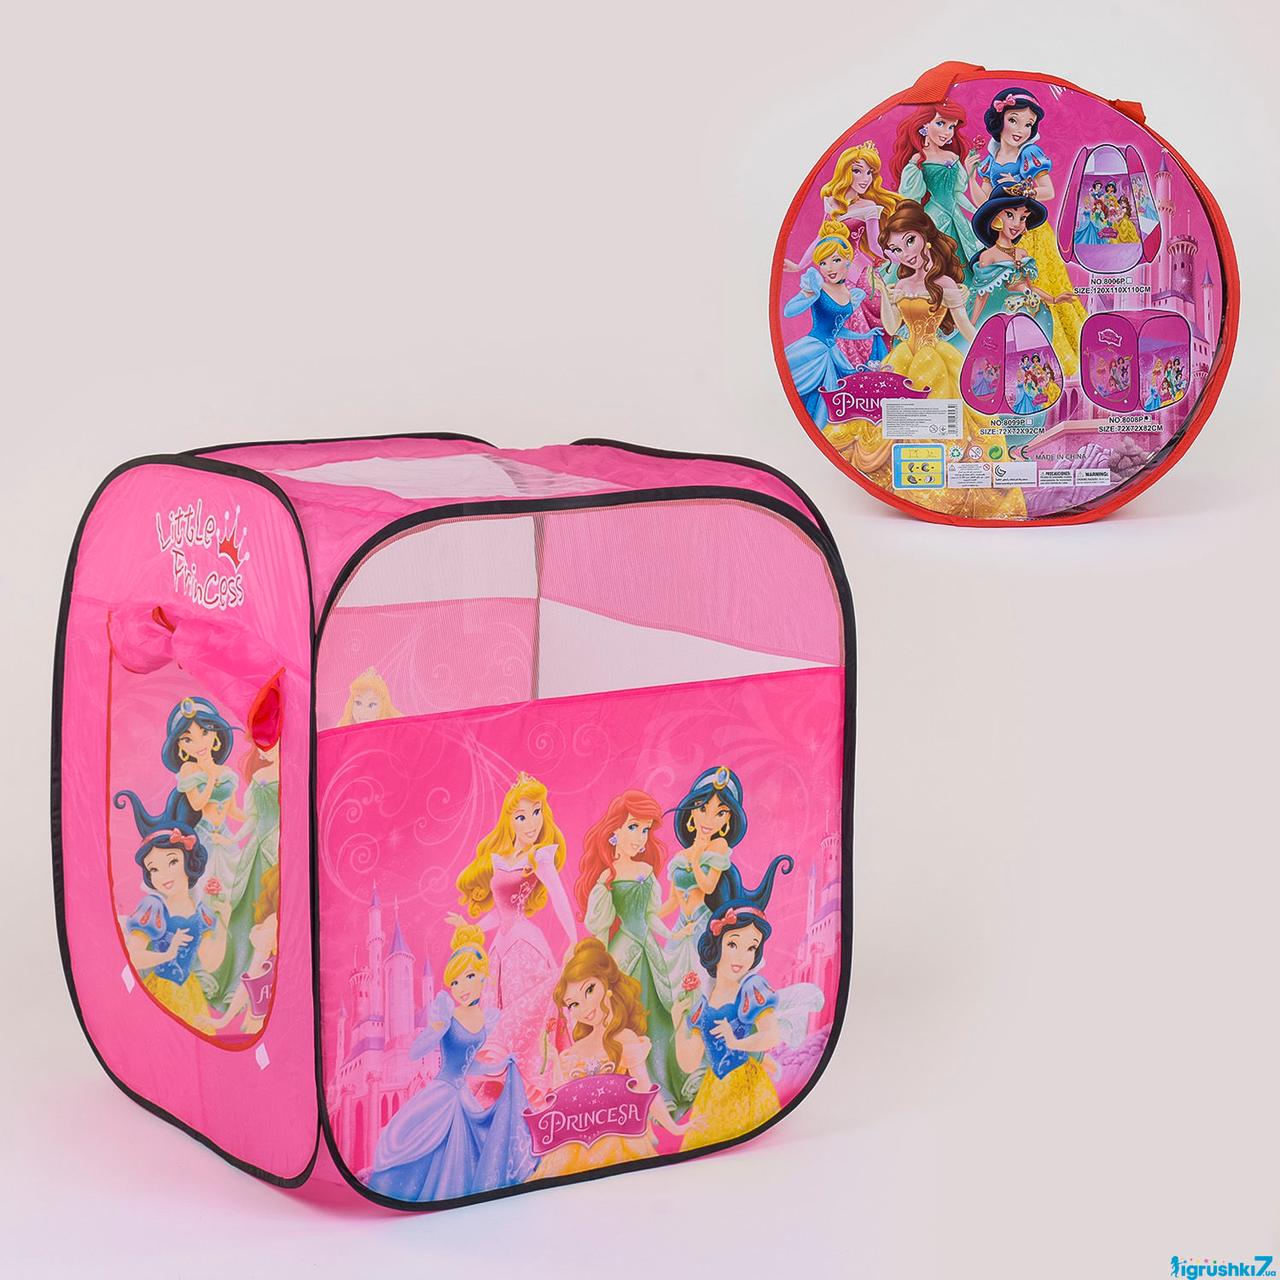 Дитячий ігровий намет-курінь Принцеси Дісней 8008 Р (48/2) 72 х 72 х 92 см, в сумці